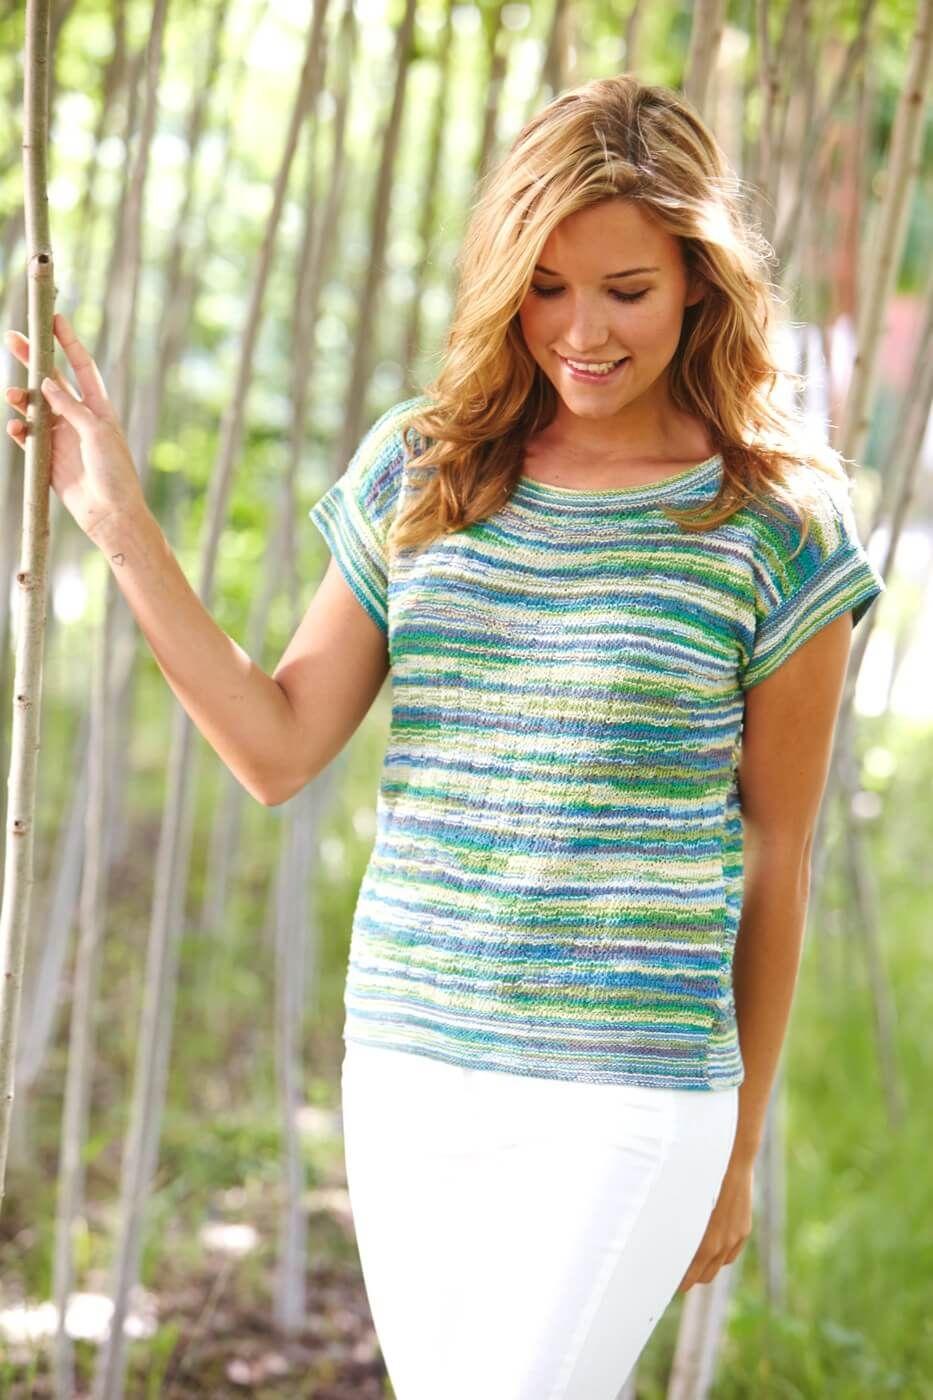 Gestricktes T-Shirt | Stricken | Pinterest | Stricken, Shirts und ...